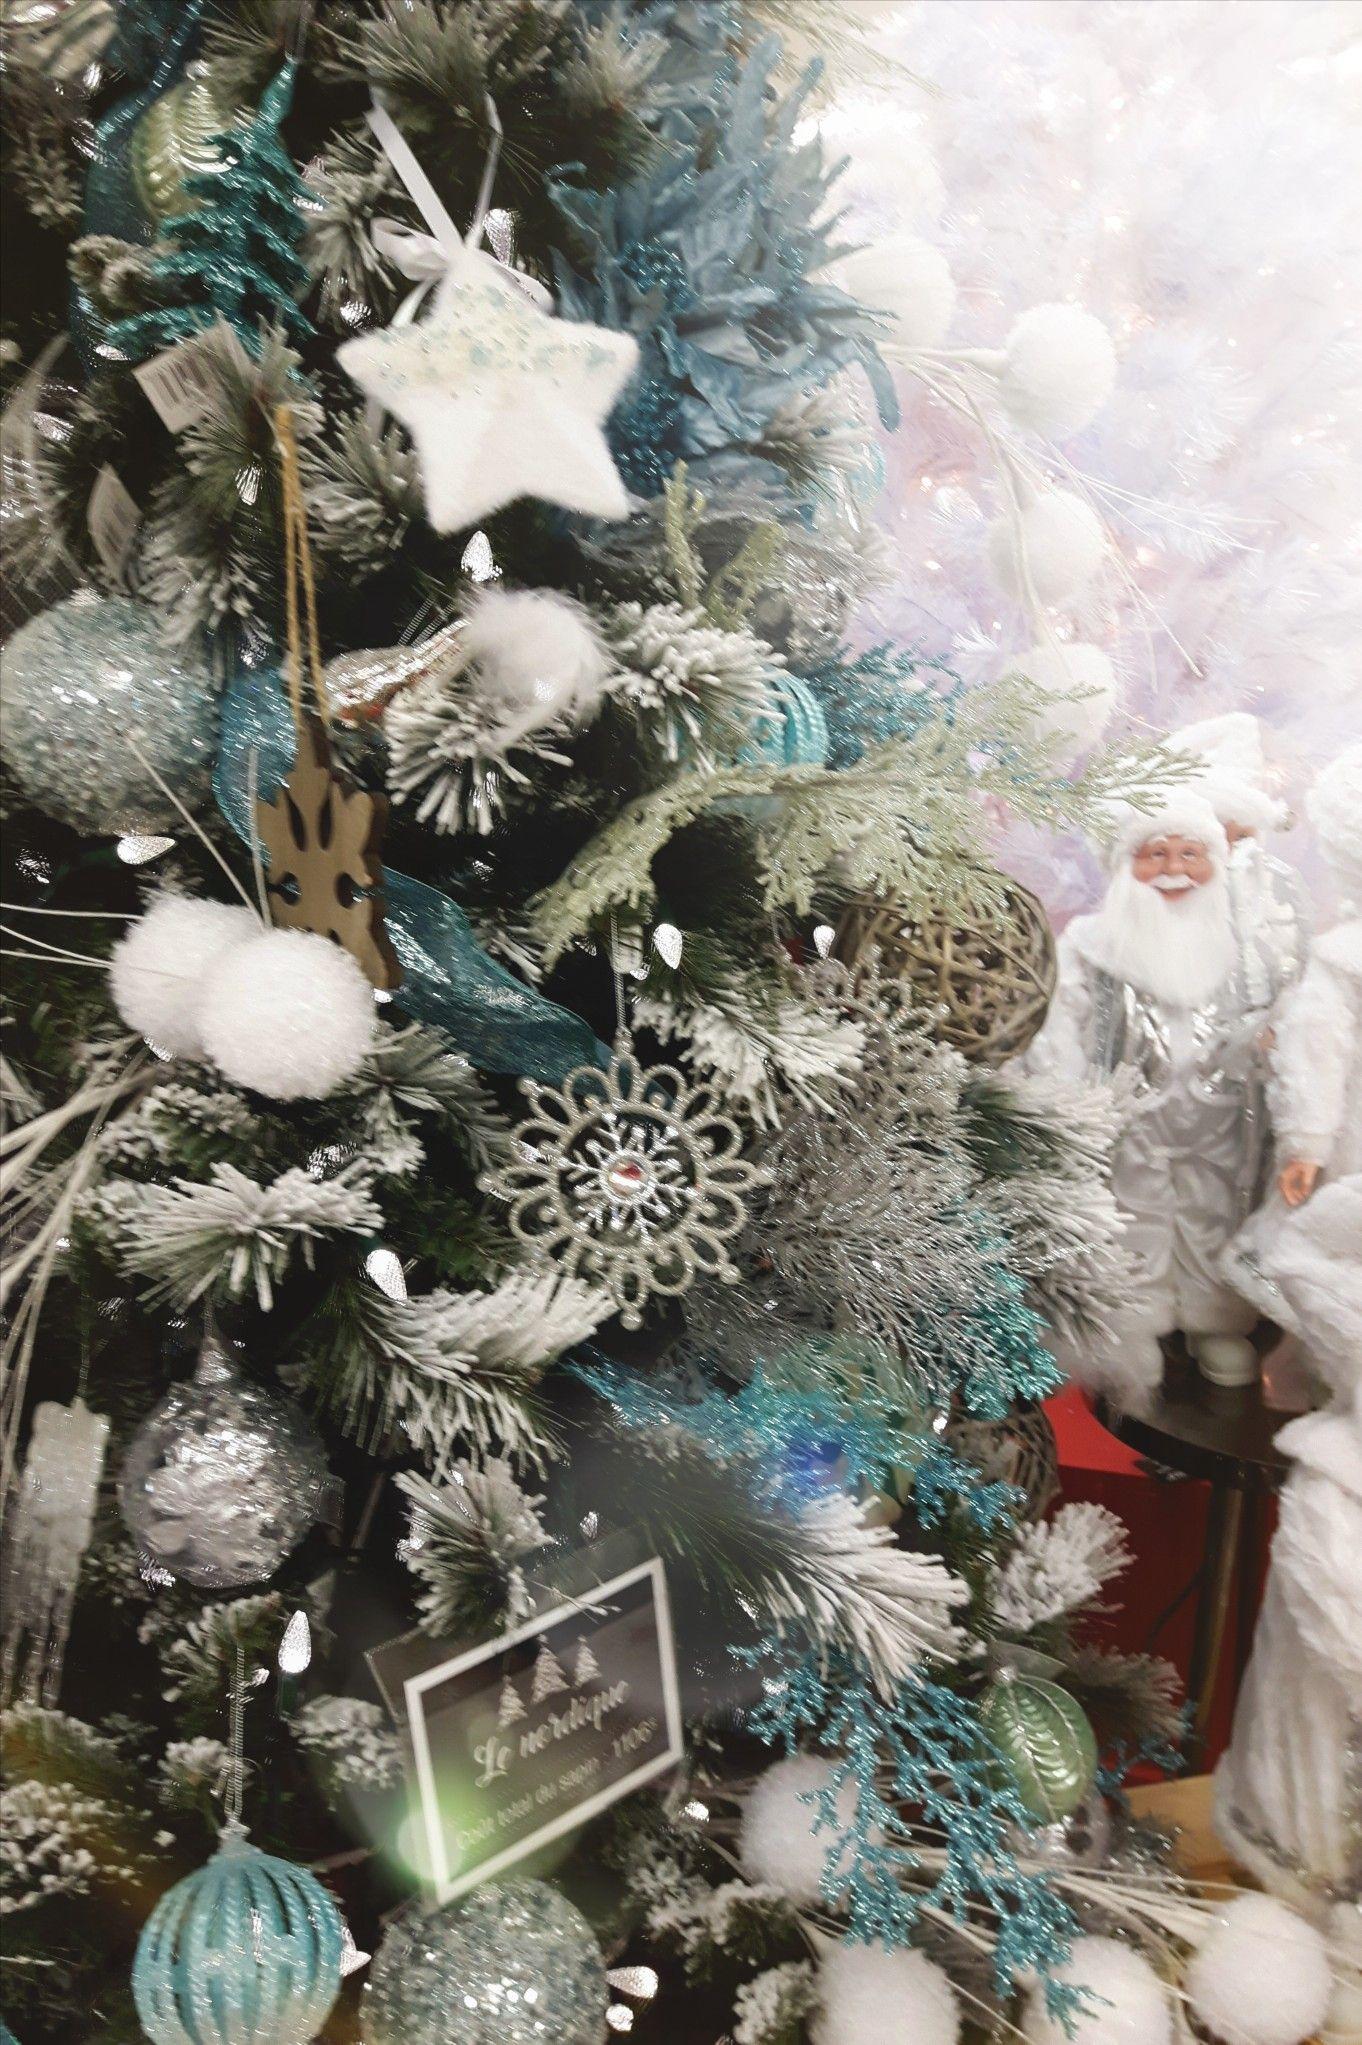 Arbre Bois Blanc Decoration arbre de noël 2018, bleu poudre, blanc, argent et bois